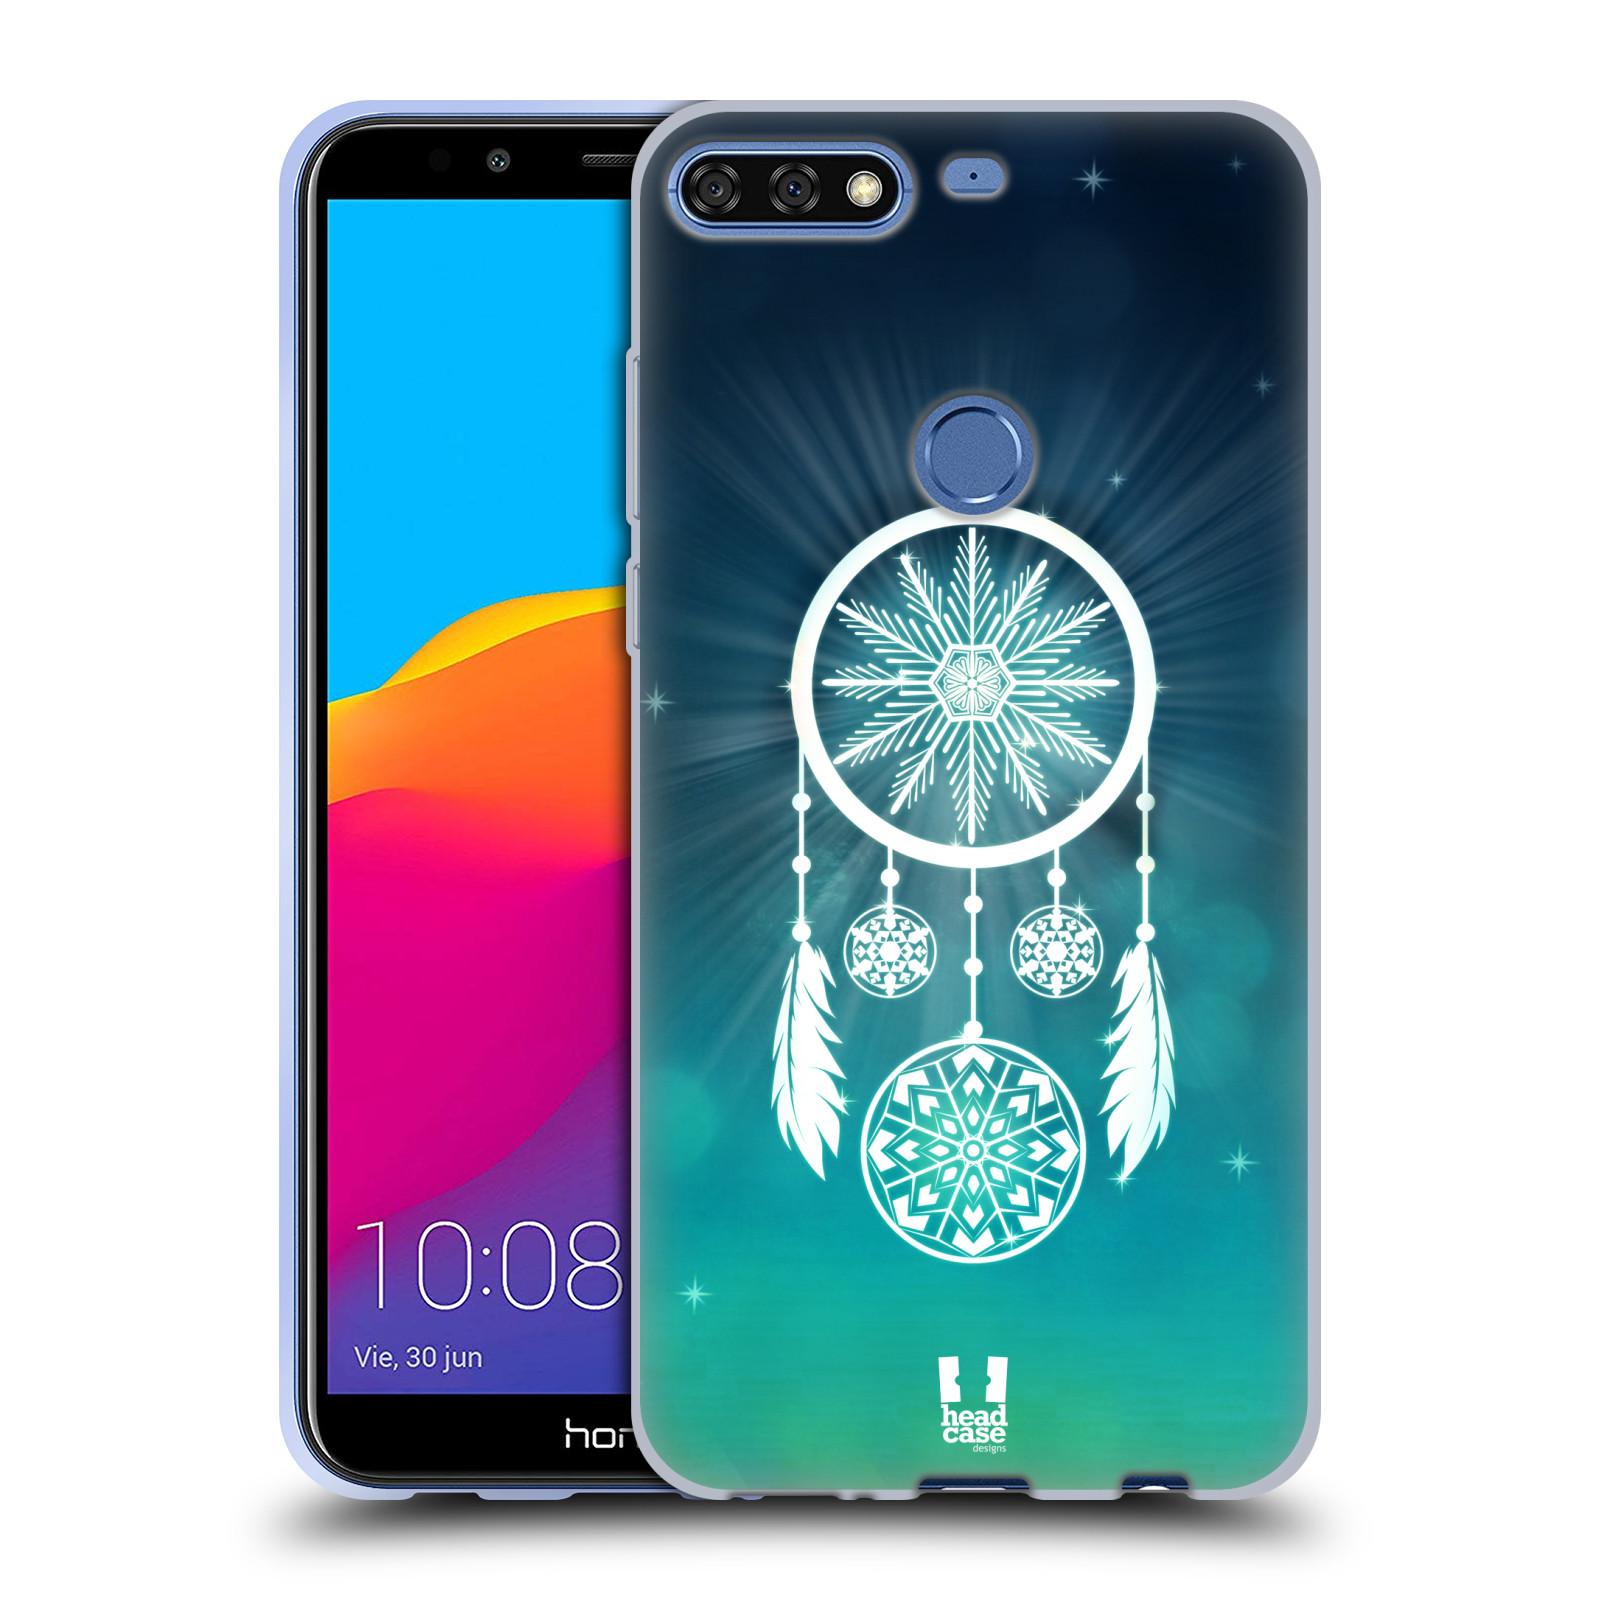 Silikonové pouzdro na mobil Huawei Y7 Prime (2018) - Head Case - Lapač vločky